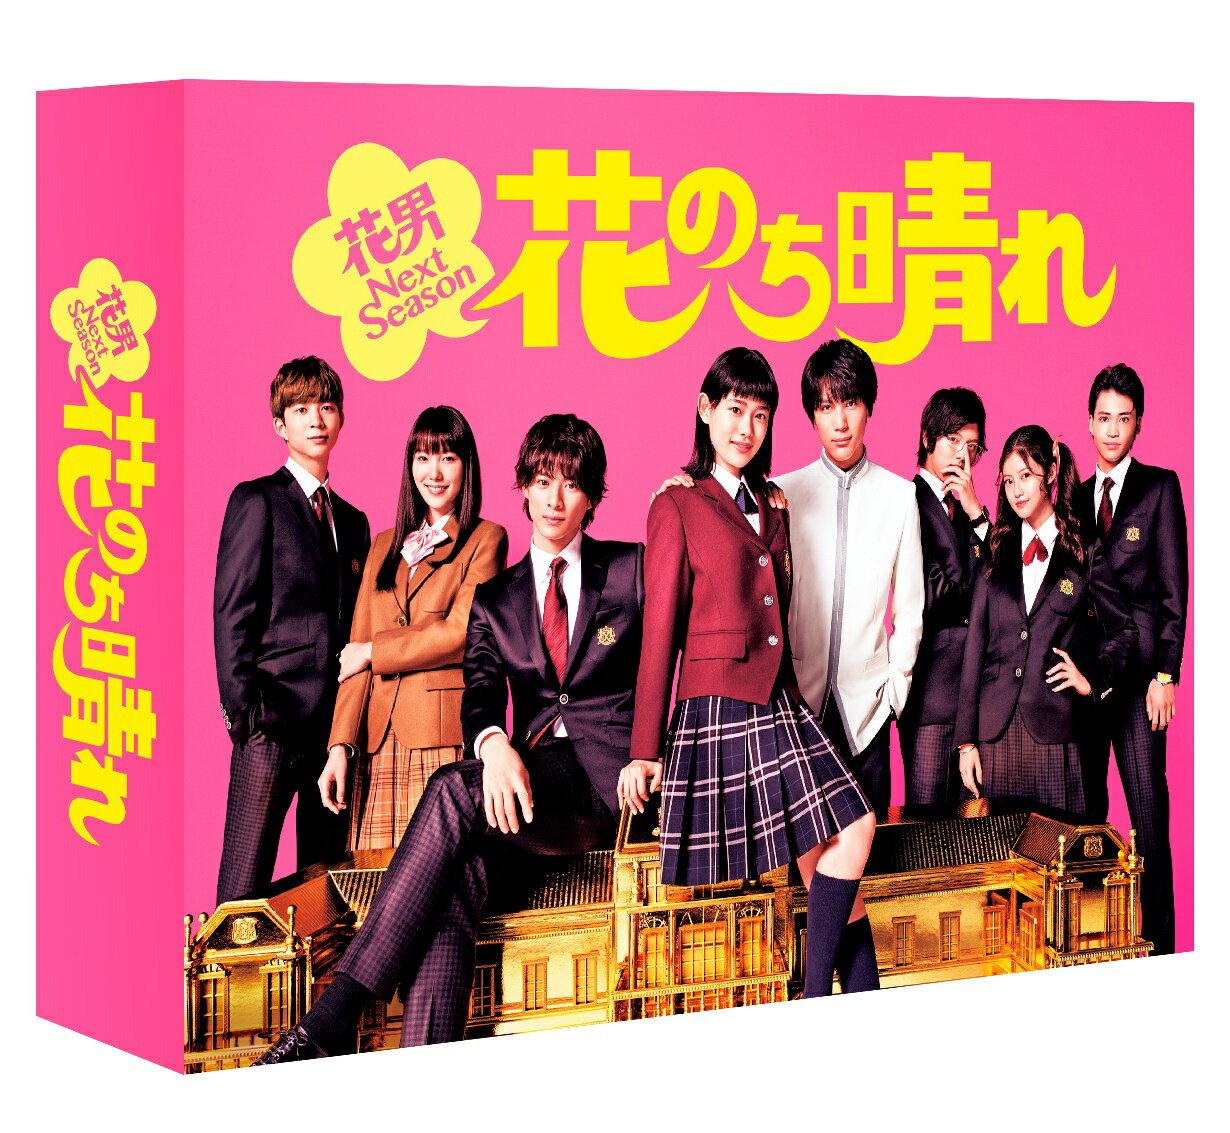 花のち晴れ〜花男Next Season〜 Blu-ray BOX【Blu-ray】 [ 杉咲花 ]